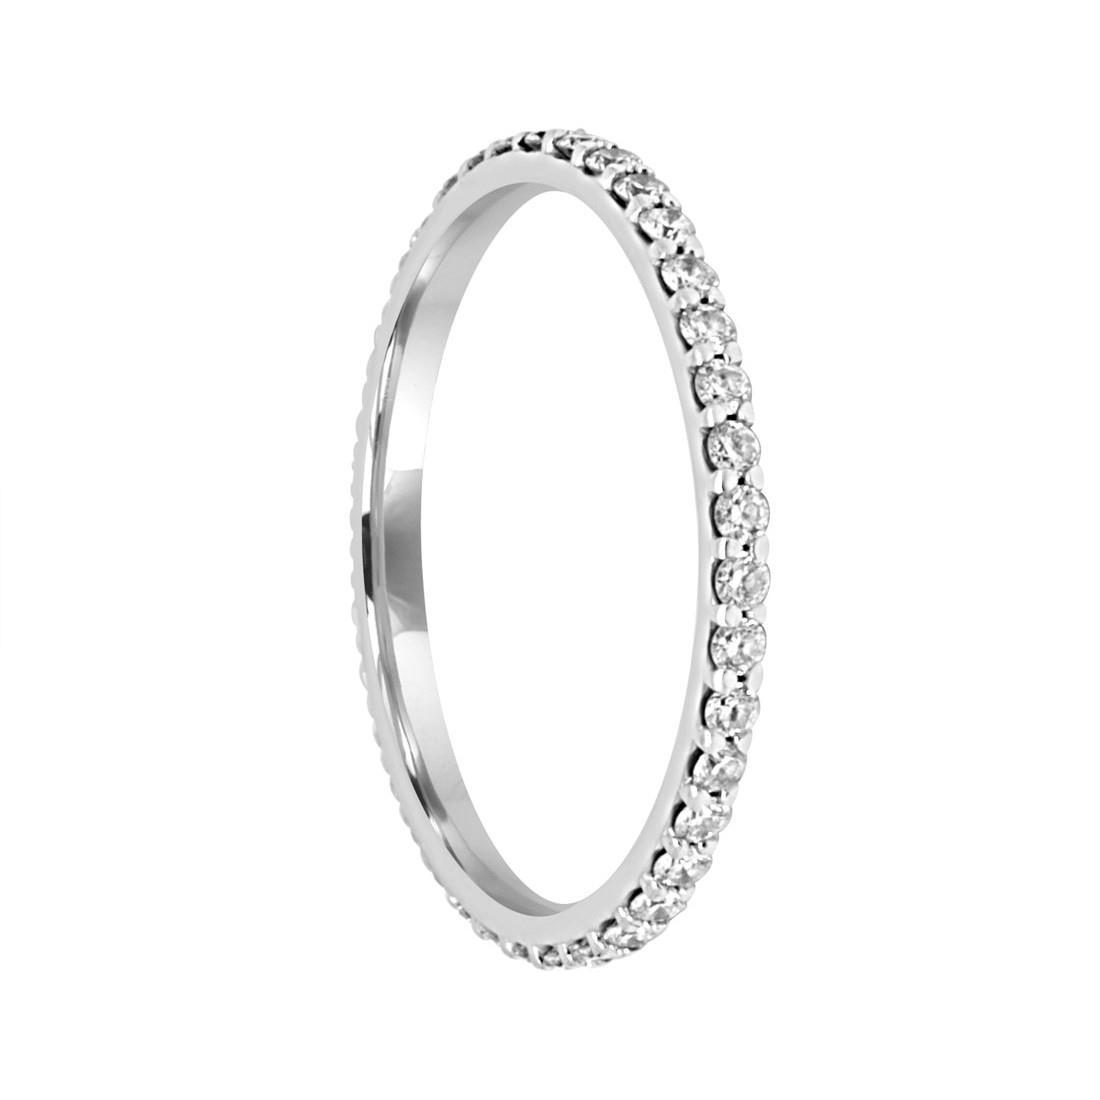 Anello veretta in oro bianco con diamanti ct 0.54 mis 18 - SALVINI